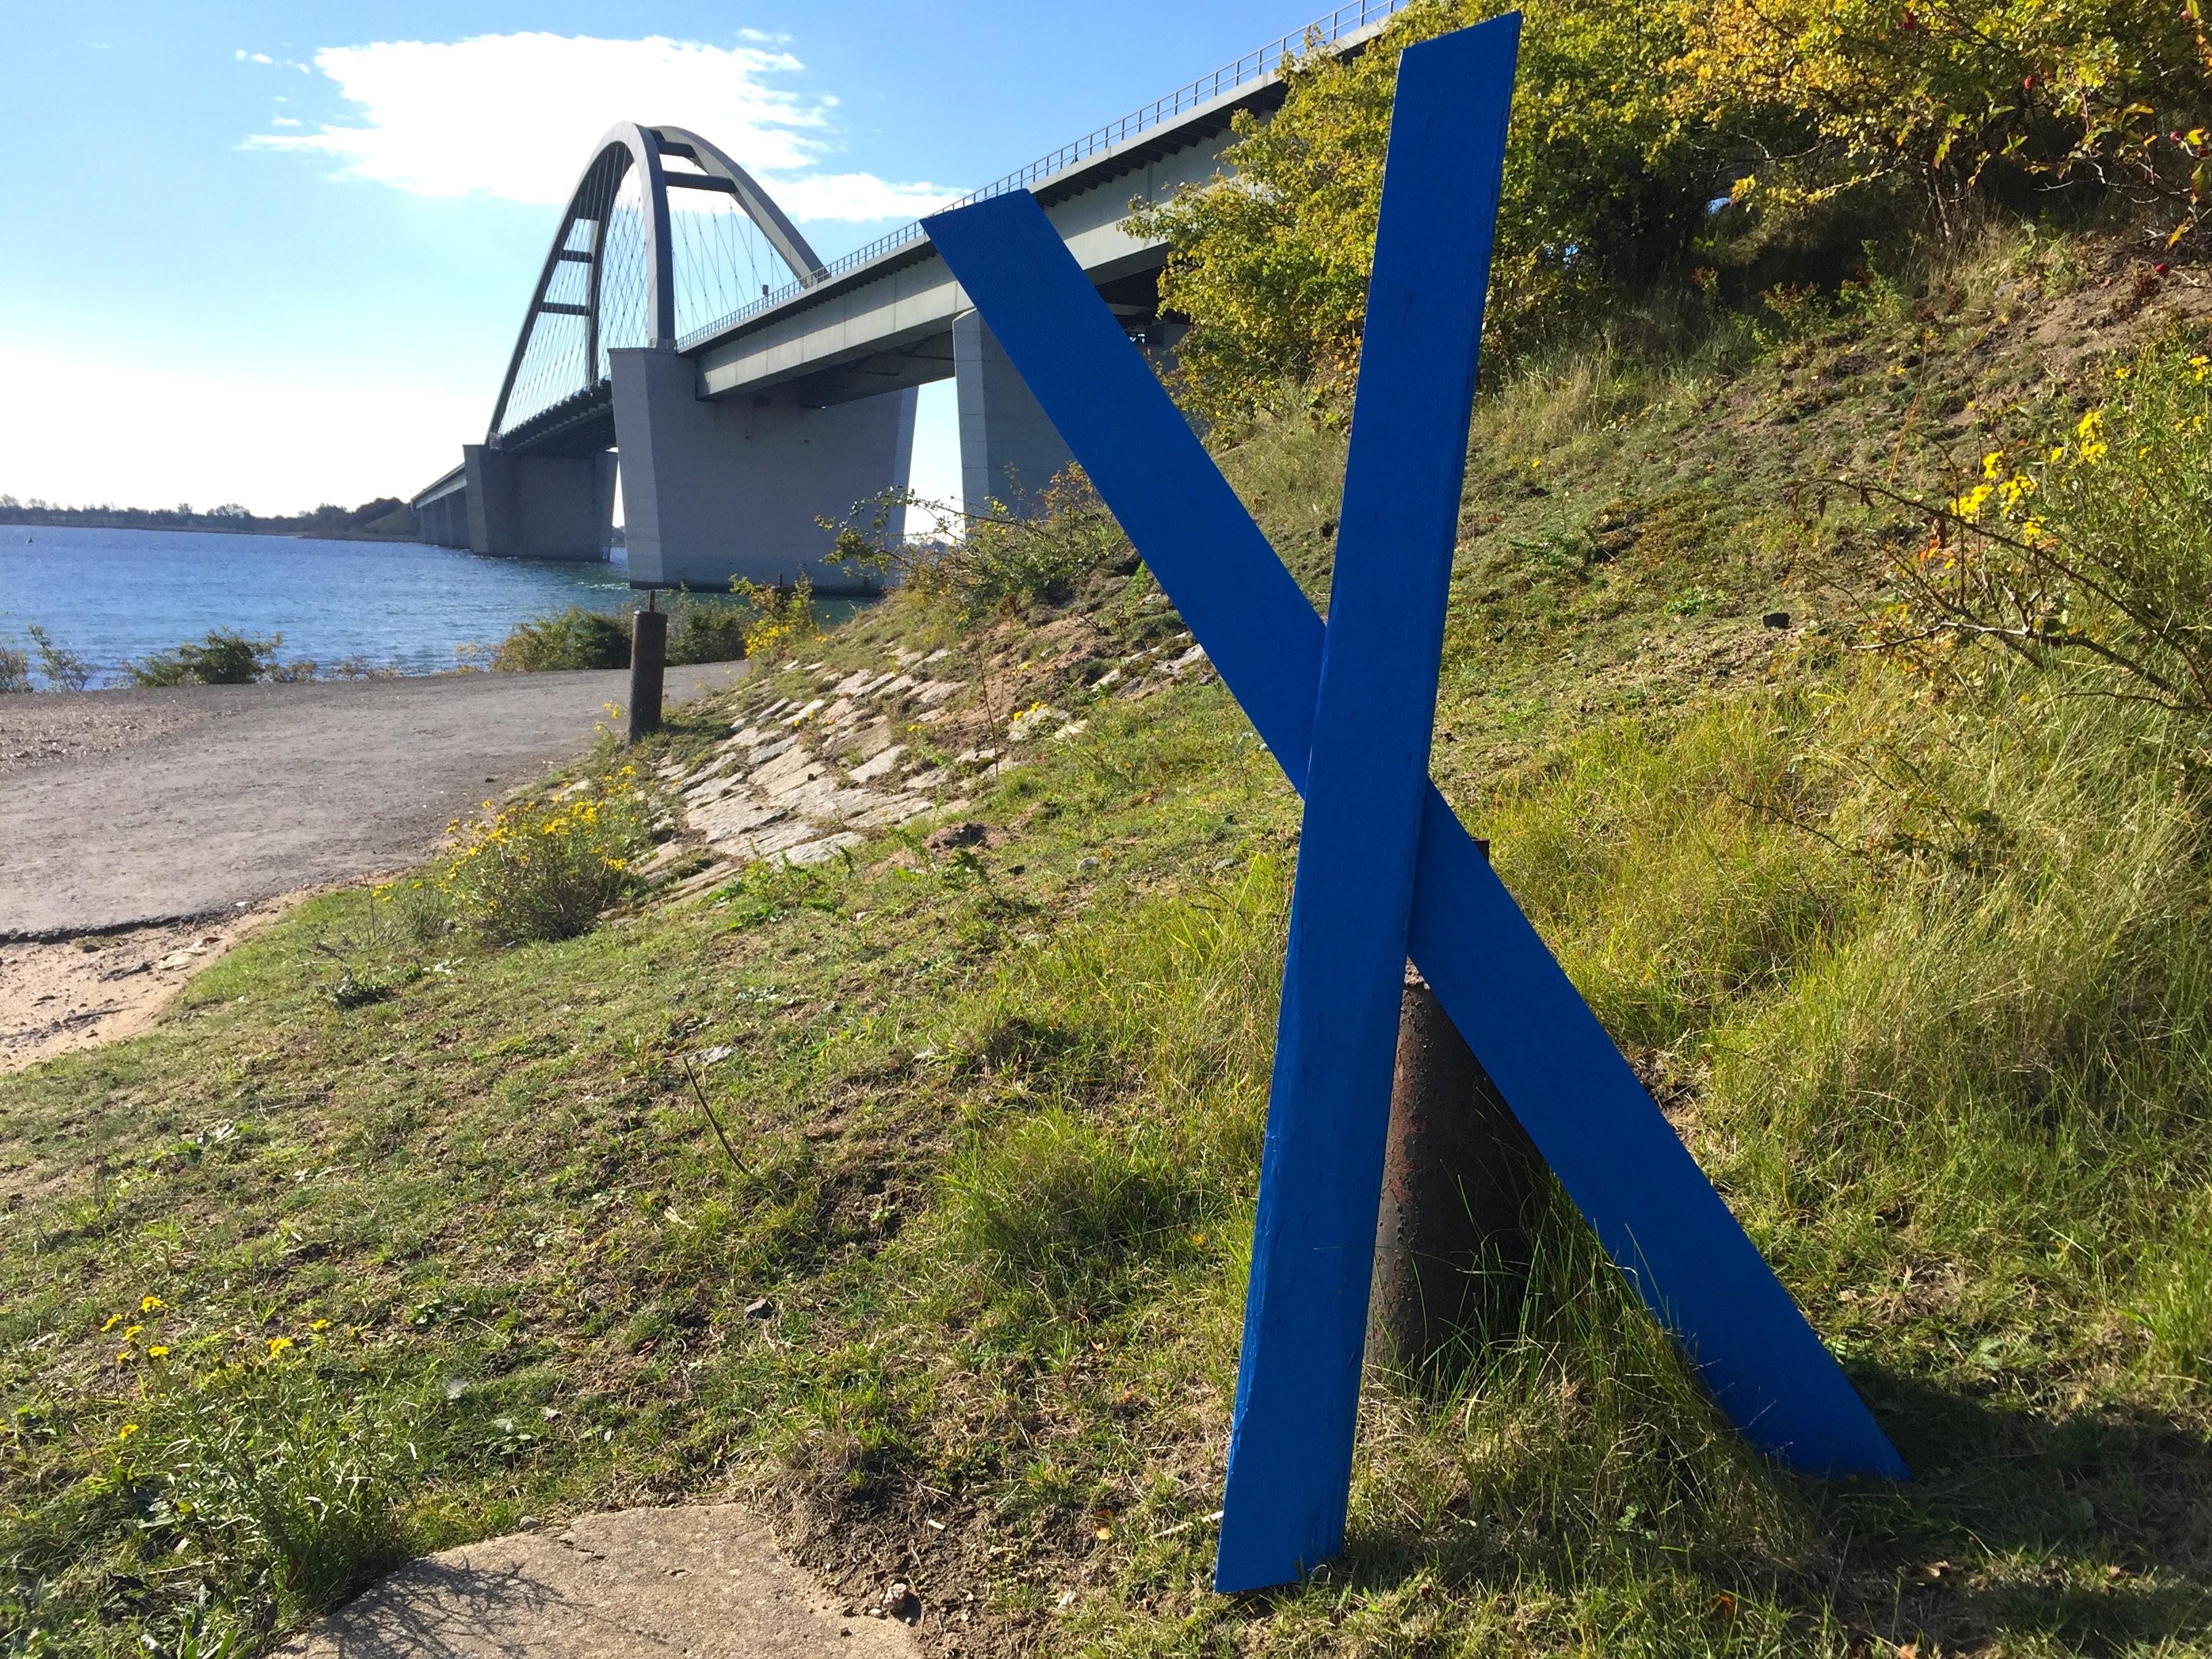 KreuzSundbrücke